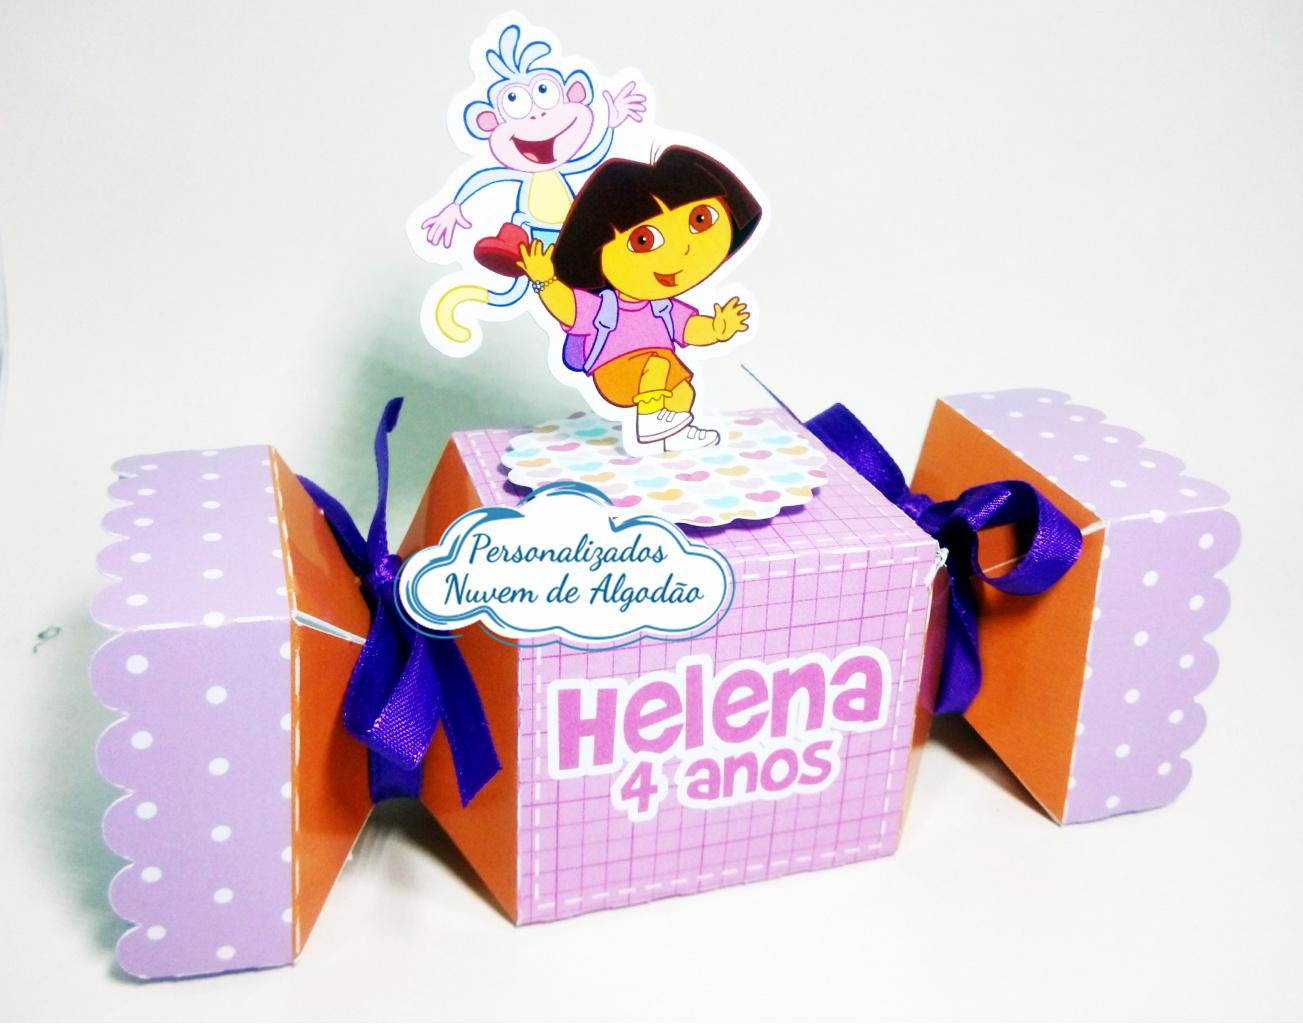 Nuvem de algodão personalizados - Caixa bala inteira Dora Aventureira